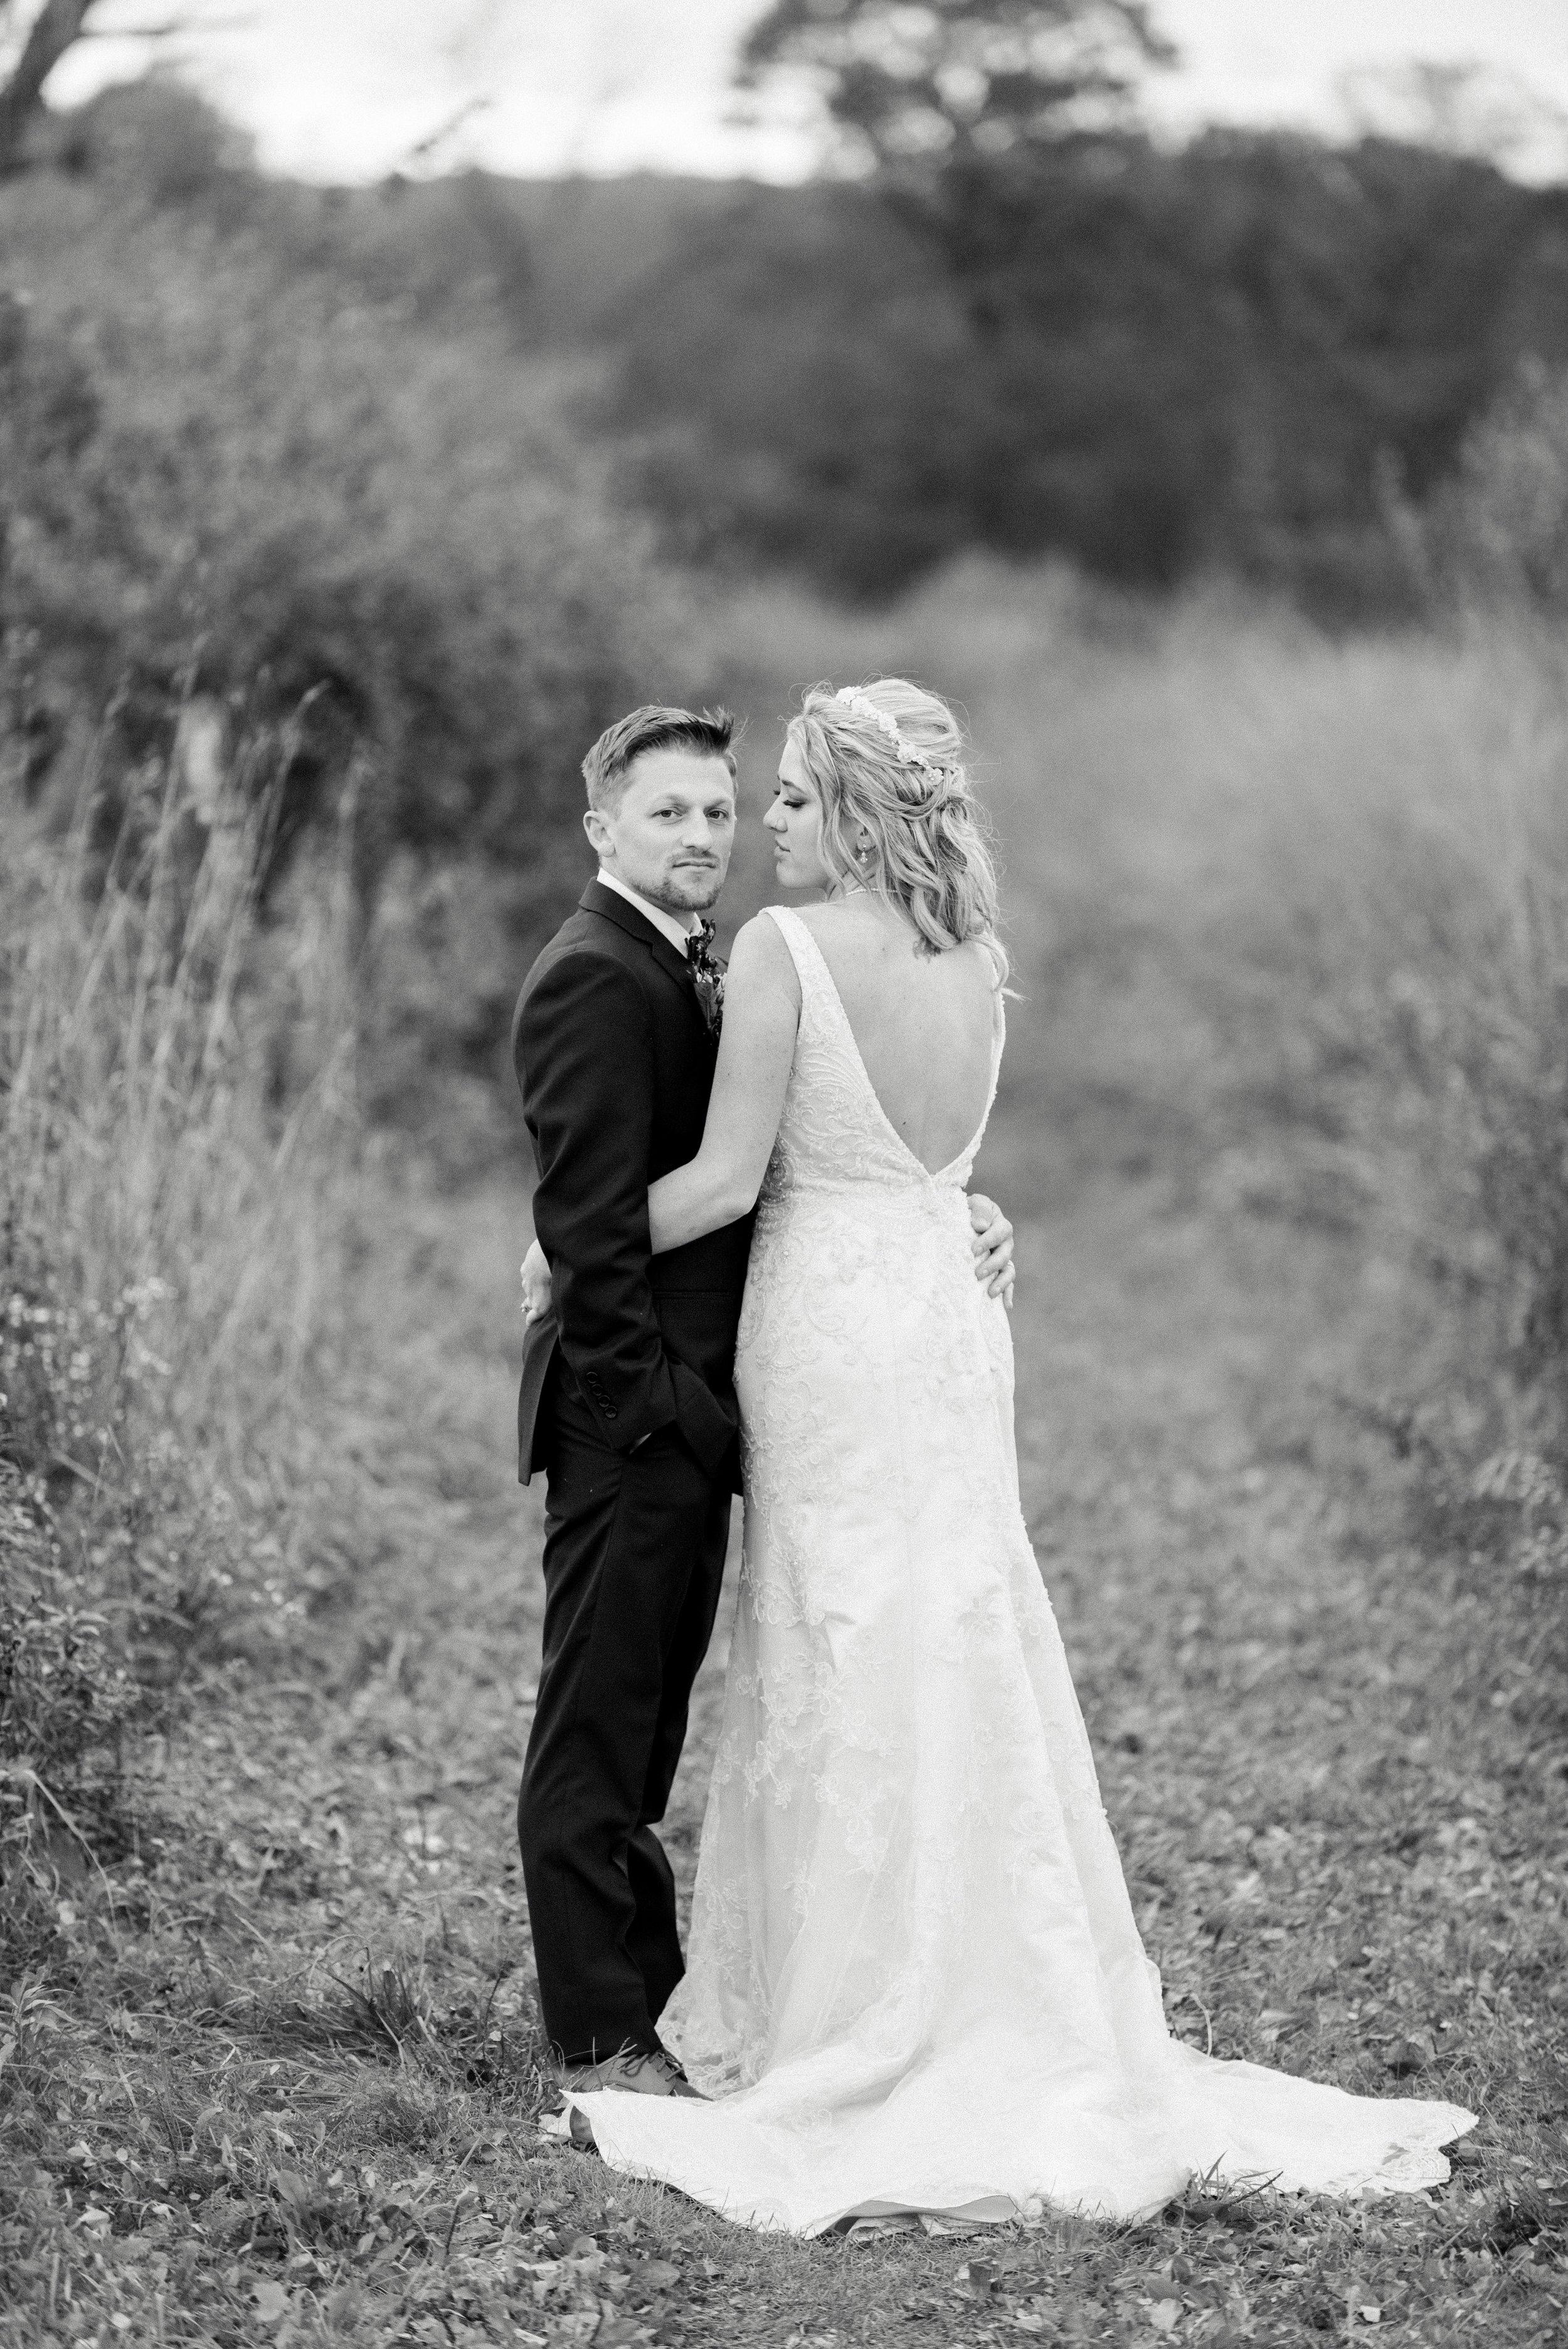 Devils-Head-Resort-Merrimac-WI-Wedding-Photos-0002.jpg